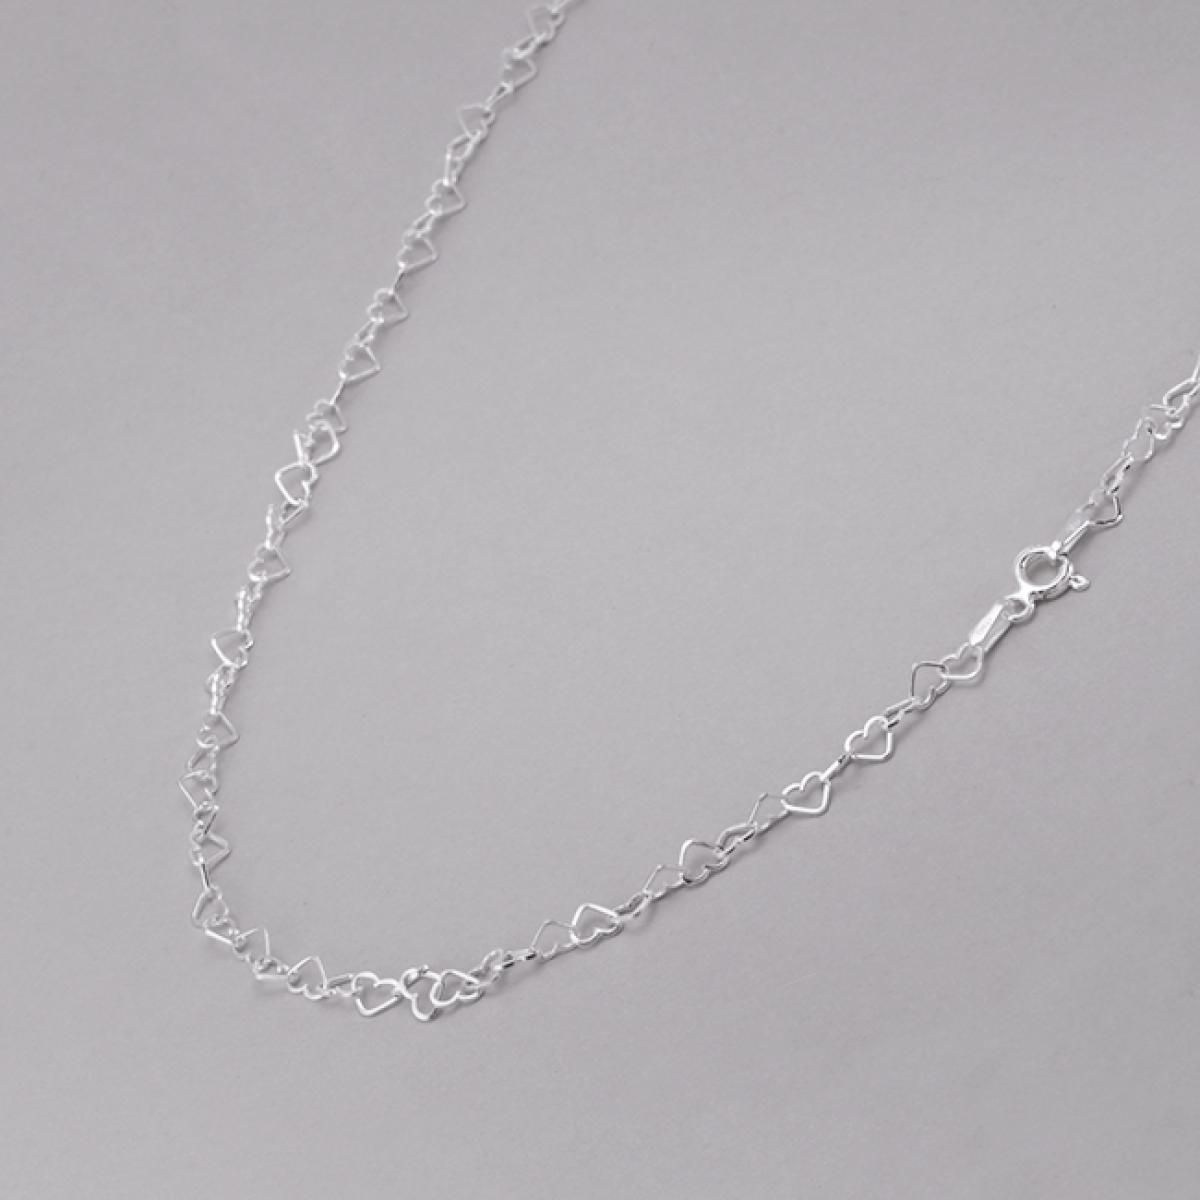 Corrente Coração Entrelaçado 40 cm - Prata Branca